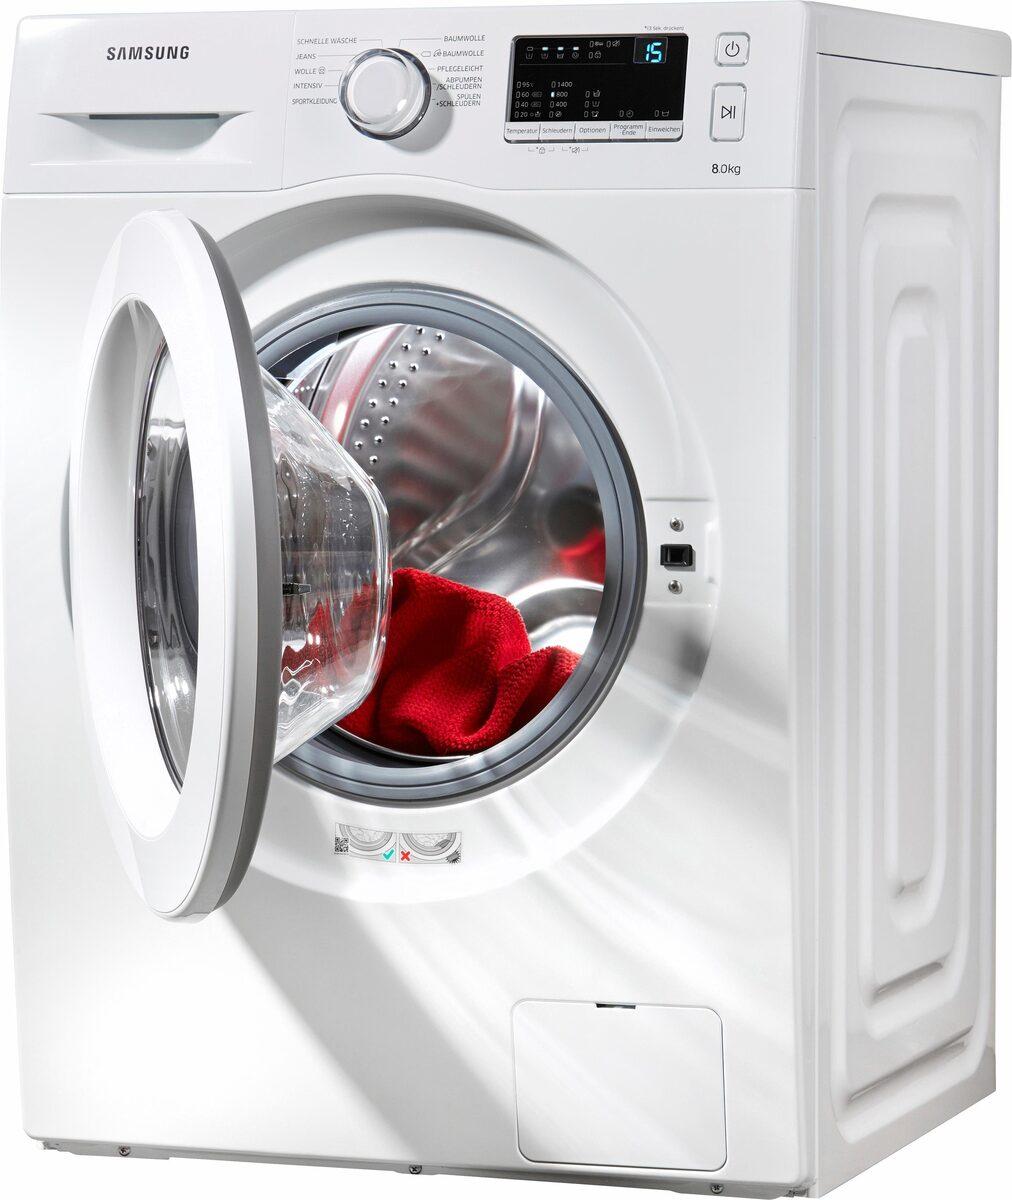 Bild 2 von Samsung Waschmaschine WW3000 WW80J3470KW, 8 kg, 1400 U/Min, Pflegetrommel